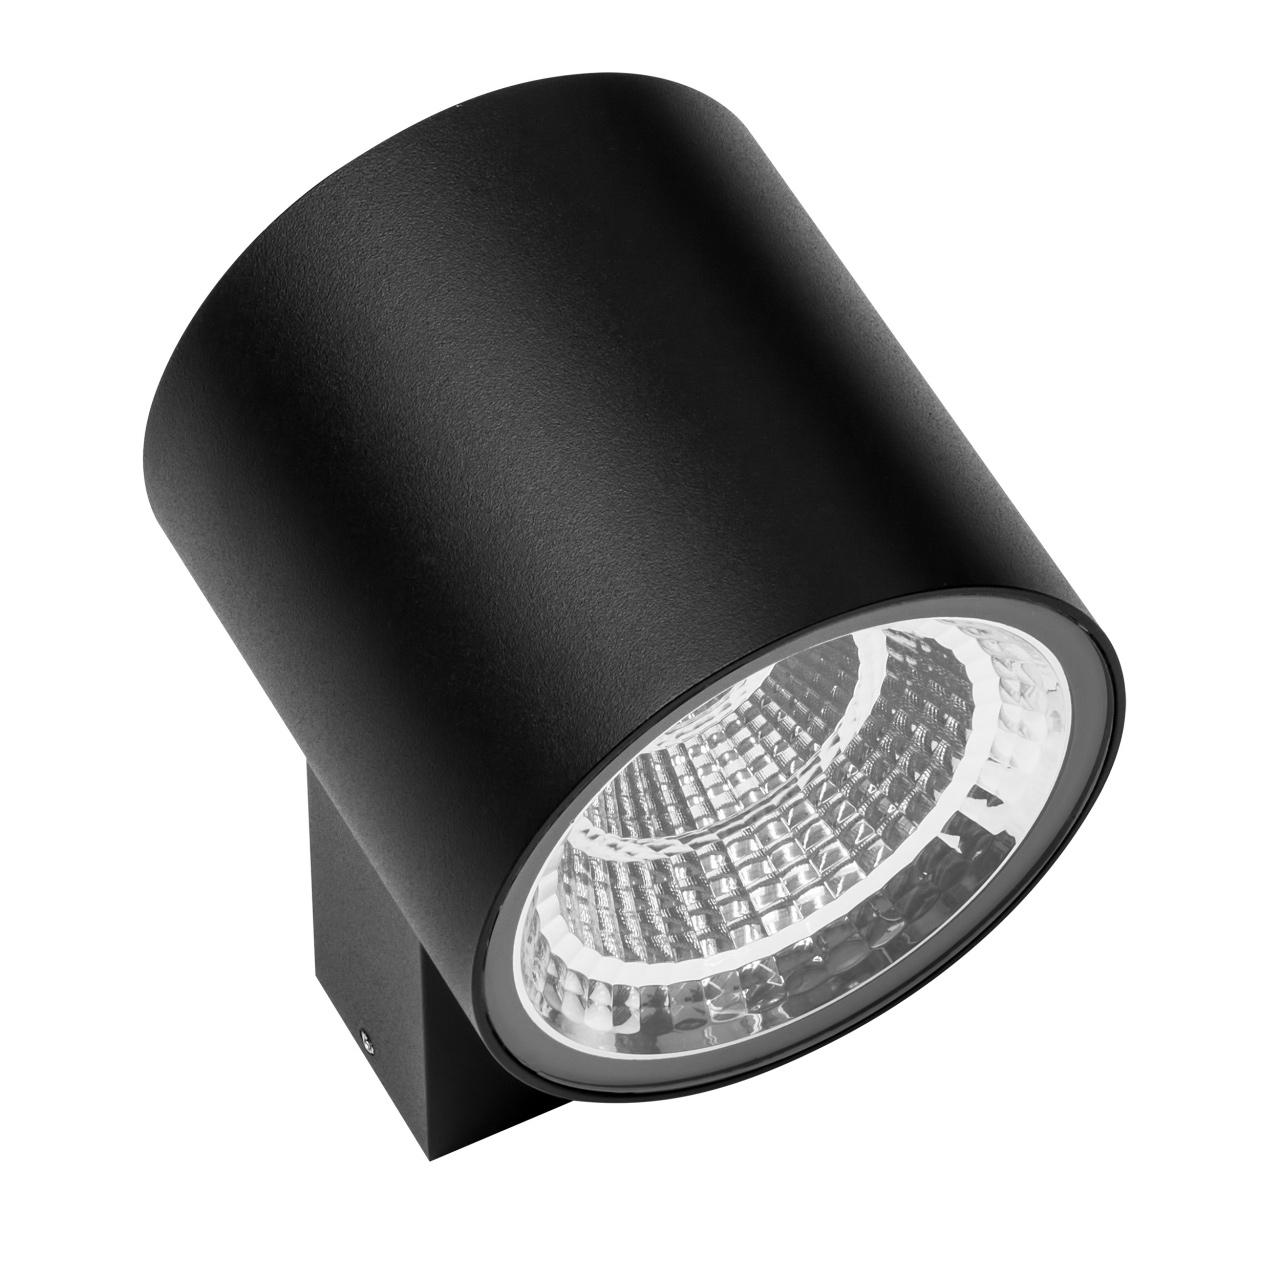 Светильник Paro LED 2*8W 1270LM 28G черный 3000K IP65 Lightstar 361672